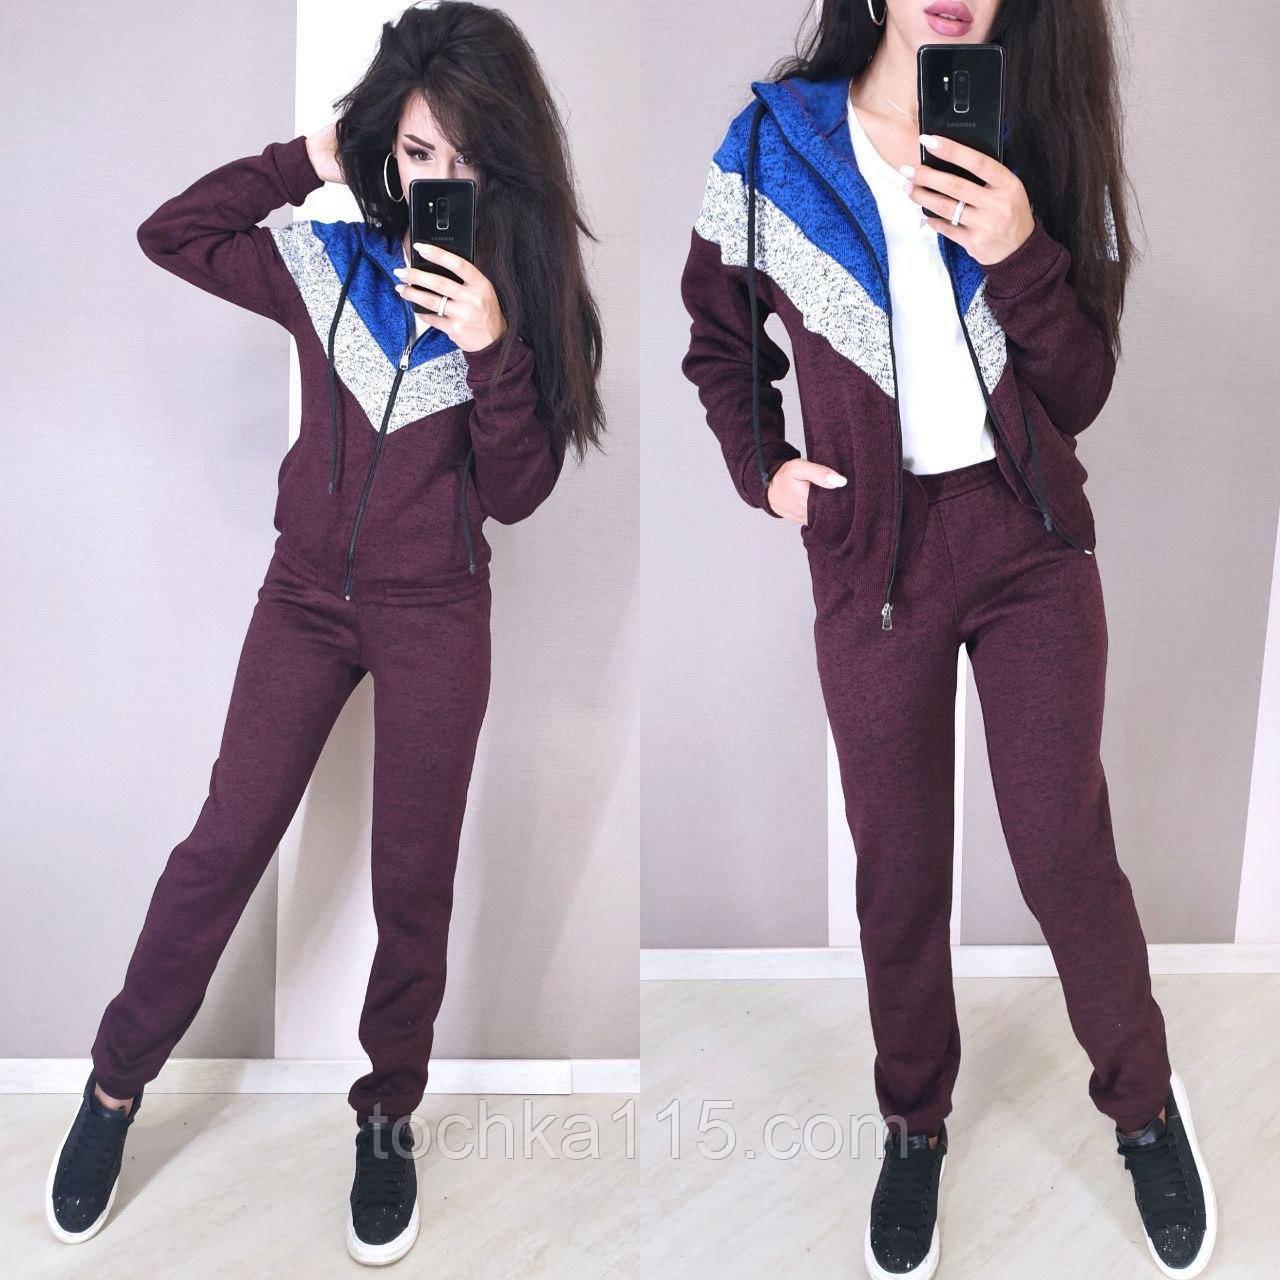 Женский спортивный костюм, костюм для прогулок, S/M/L (бордо)